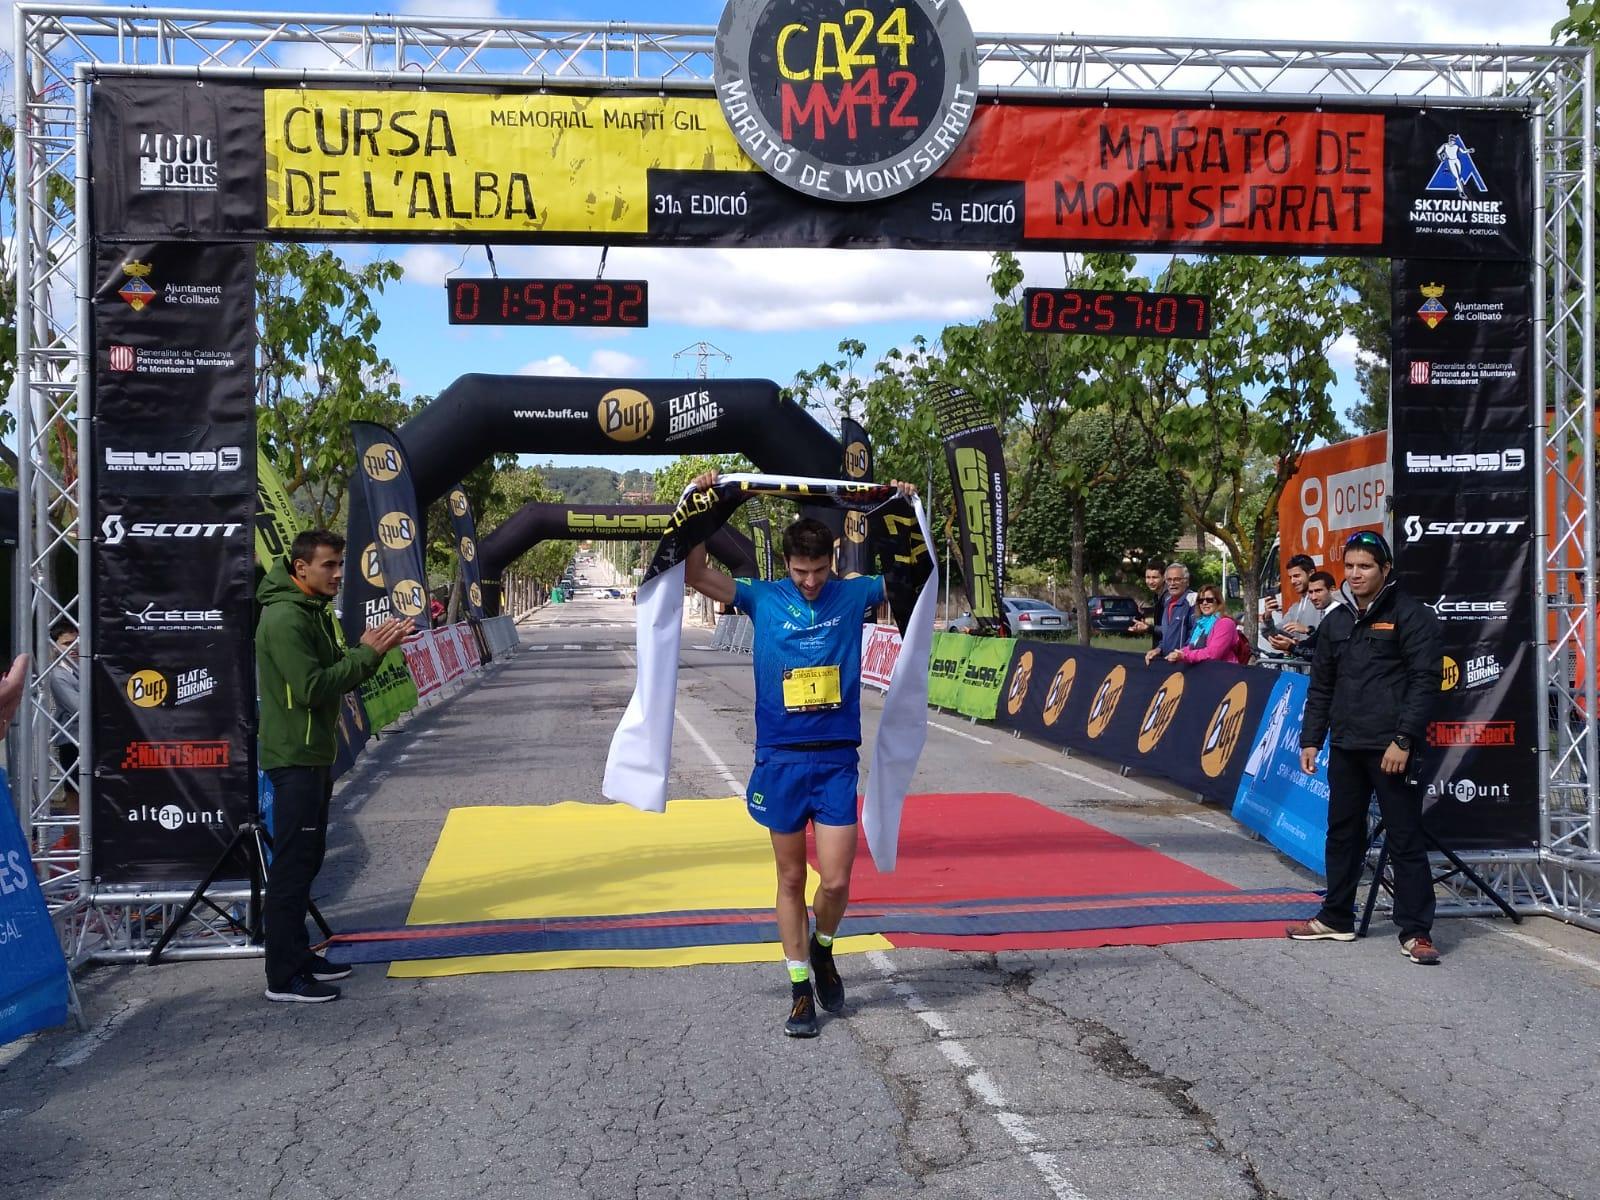 ANDREU SIM�N I SHEILA AVIL�S CAMPIONS DE LA 31� CURSA DEL ALBA